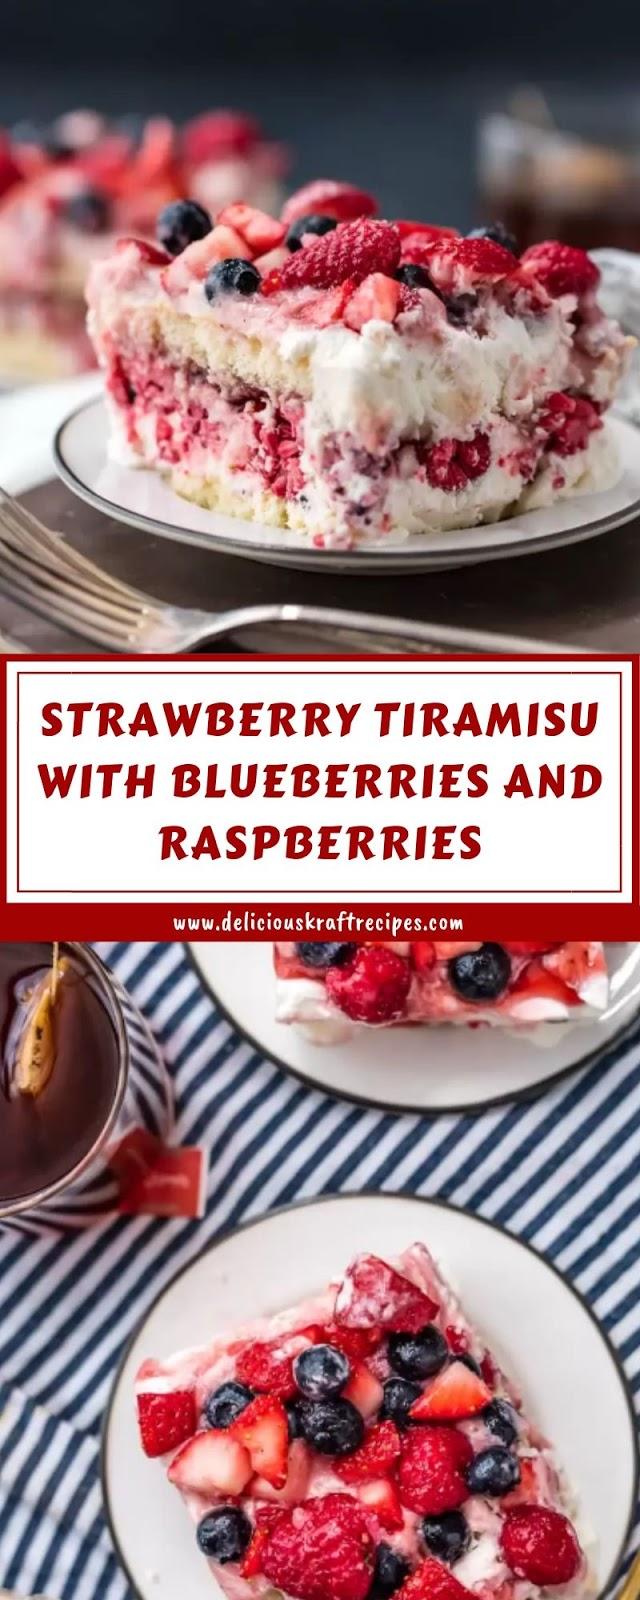 STRAWBERRY TIRAMISU WITH BLUEBERRIES AND RASPBERRIES